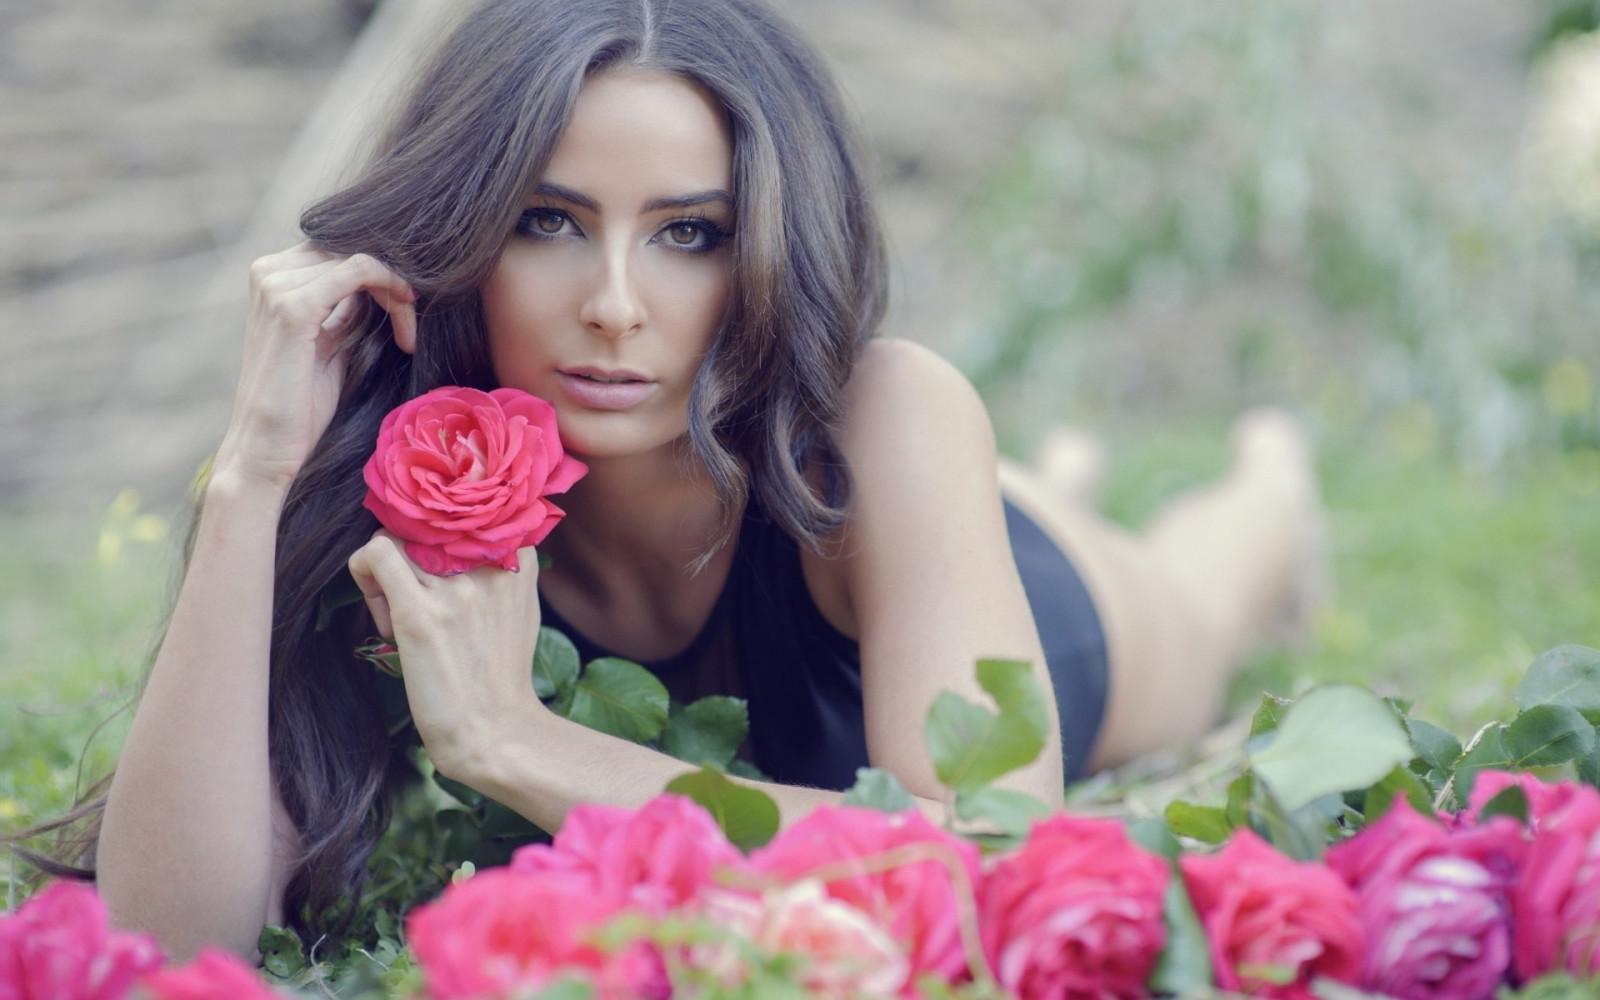 Обычные фотки девушек с розами брюнеток